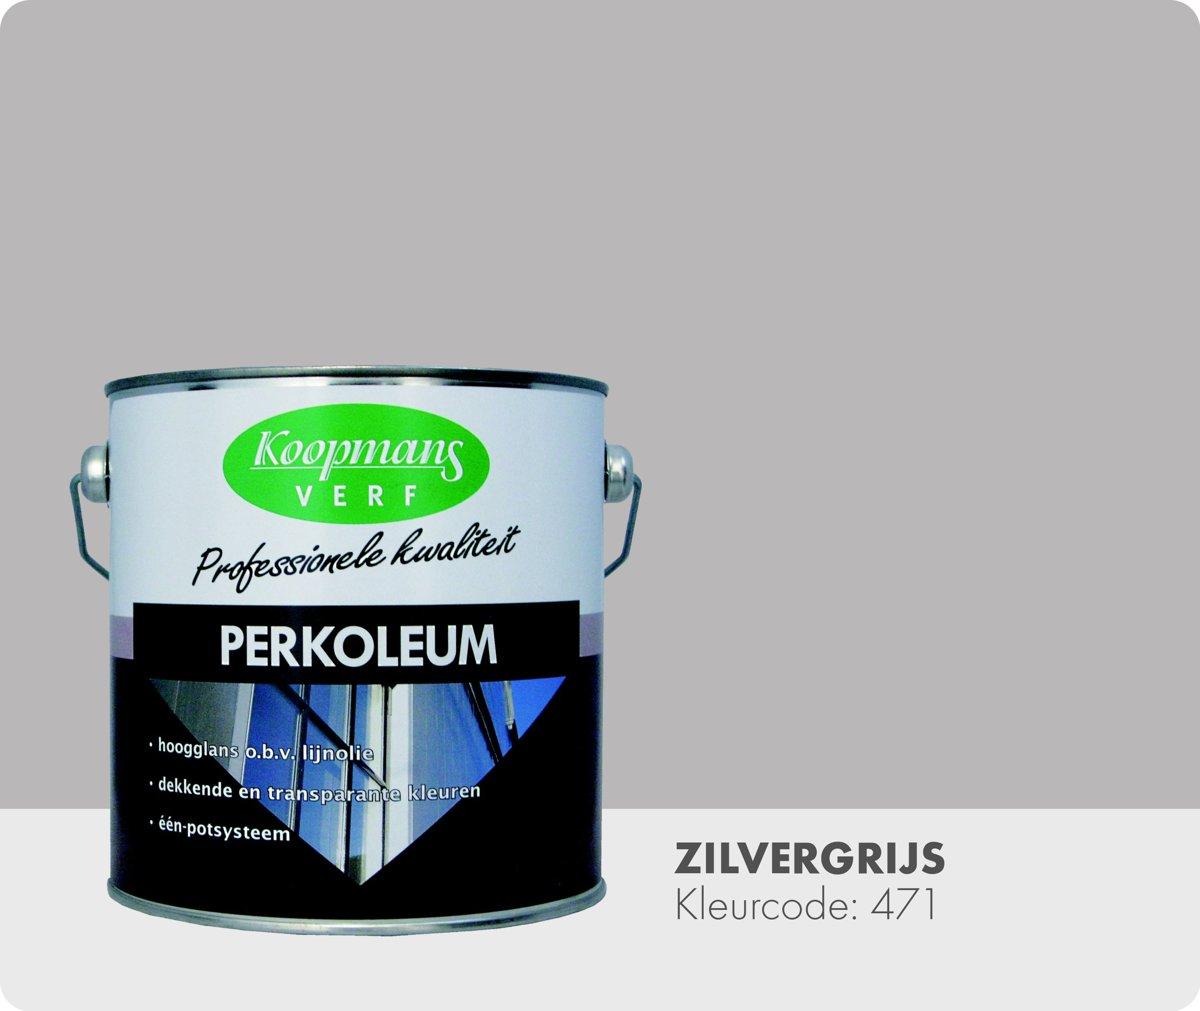 Koopmans Perkoleum - Dekkend - 2,5 liter - Zilvergrijs 471